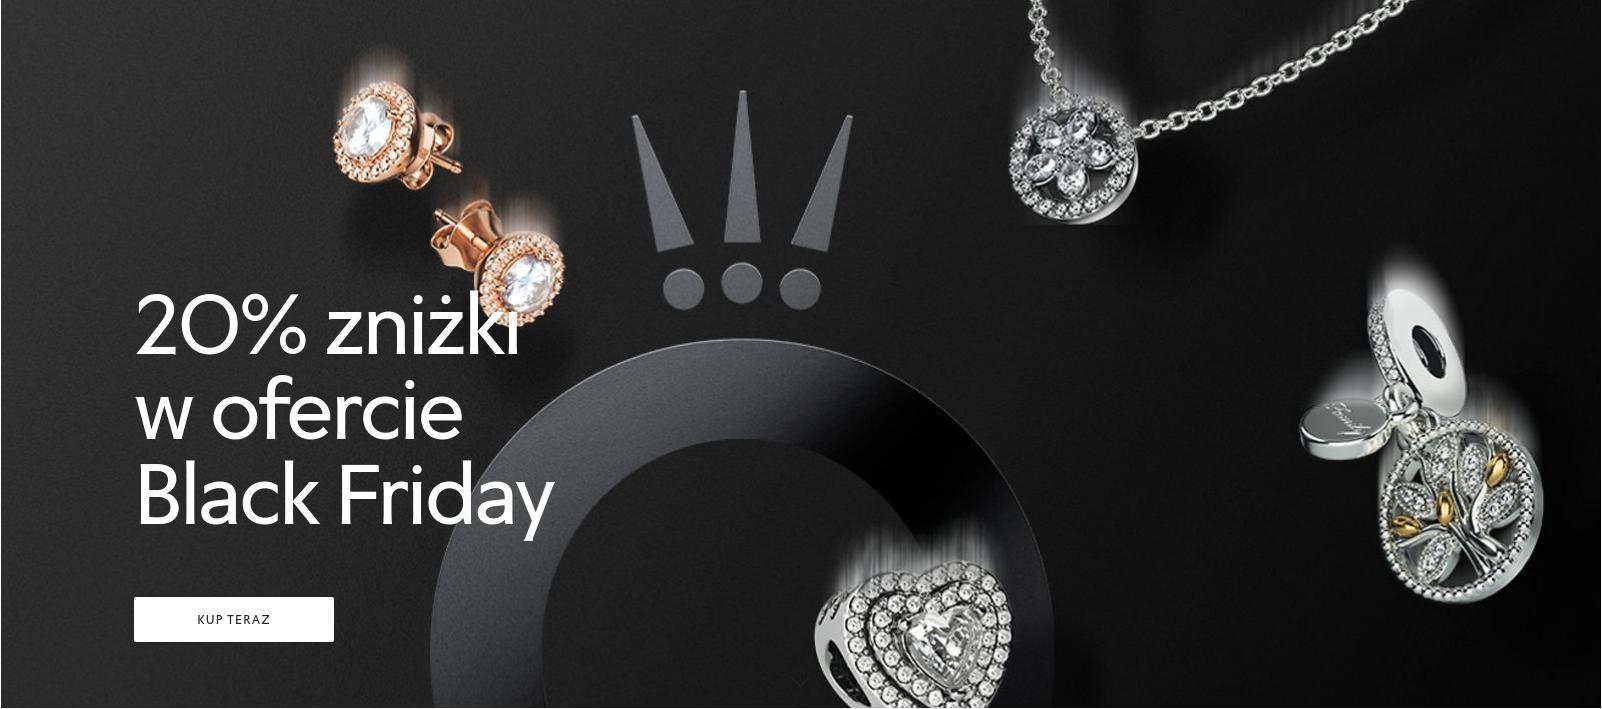 Pandora: Black Friday 20% zniżki na wyjątkową i inspirującą biżuterię